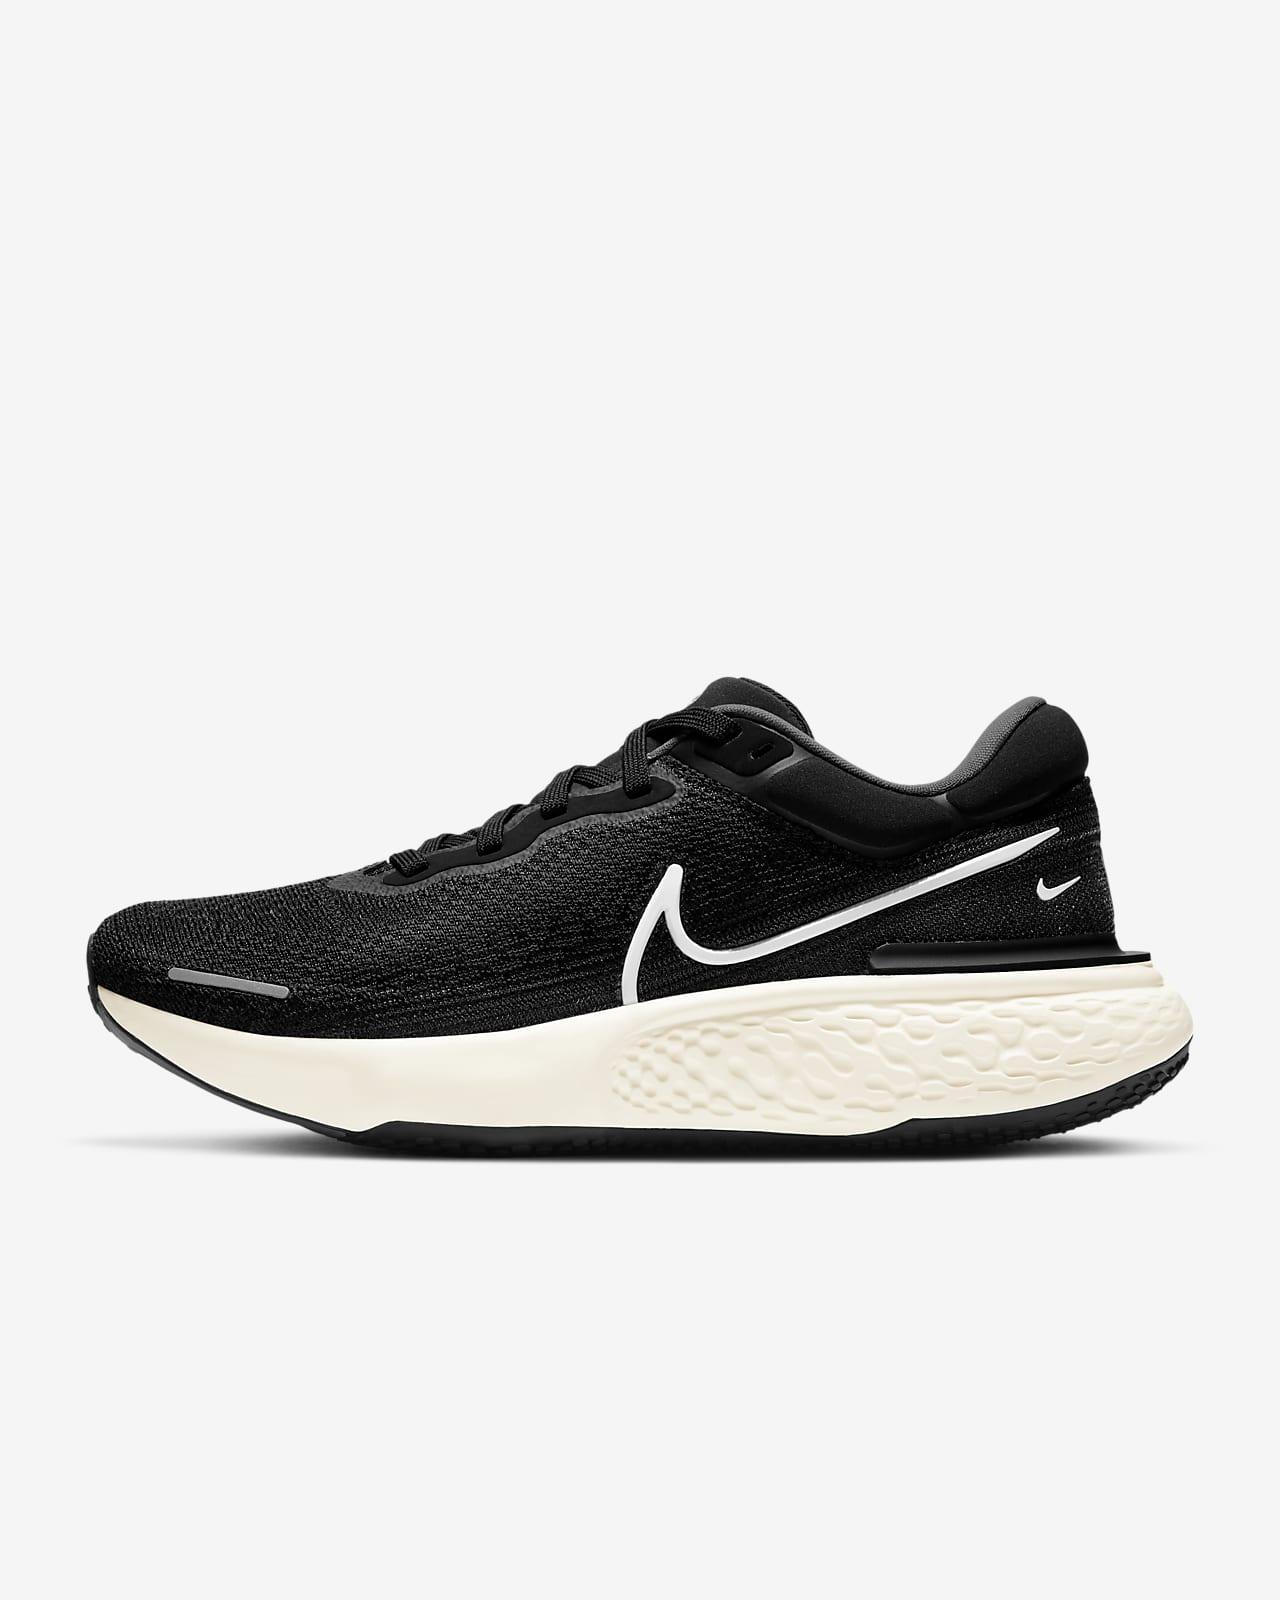 Ανδρικό παπούτσι για τρέξιμο Nike ZoomX Invincible Run Flyknit